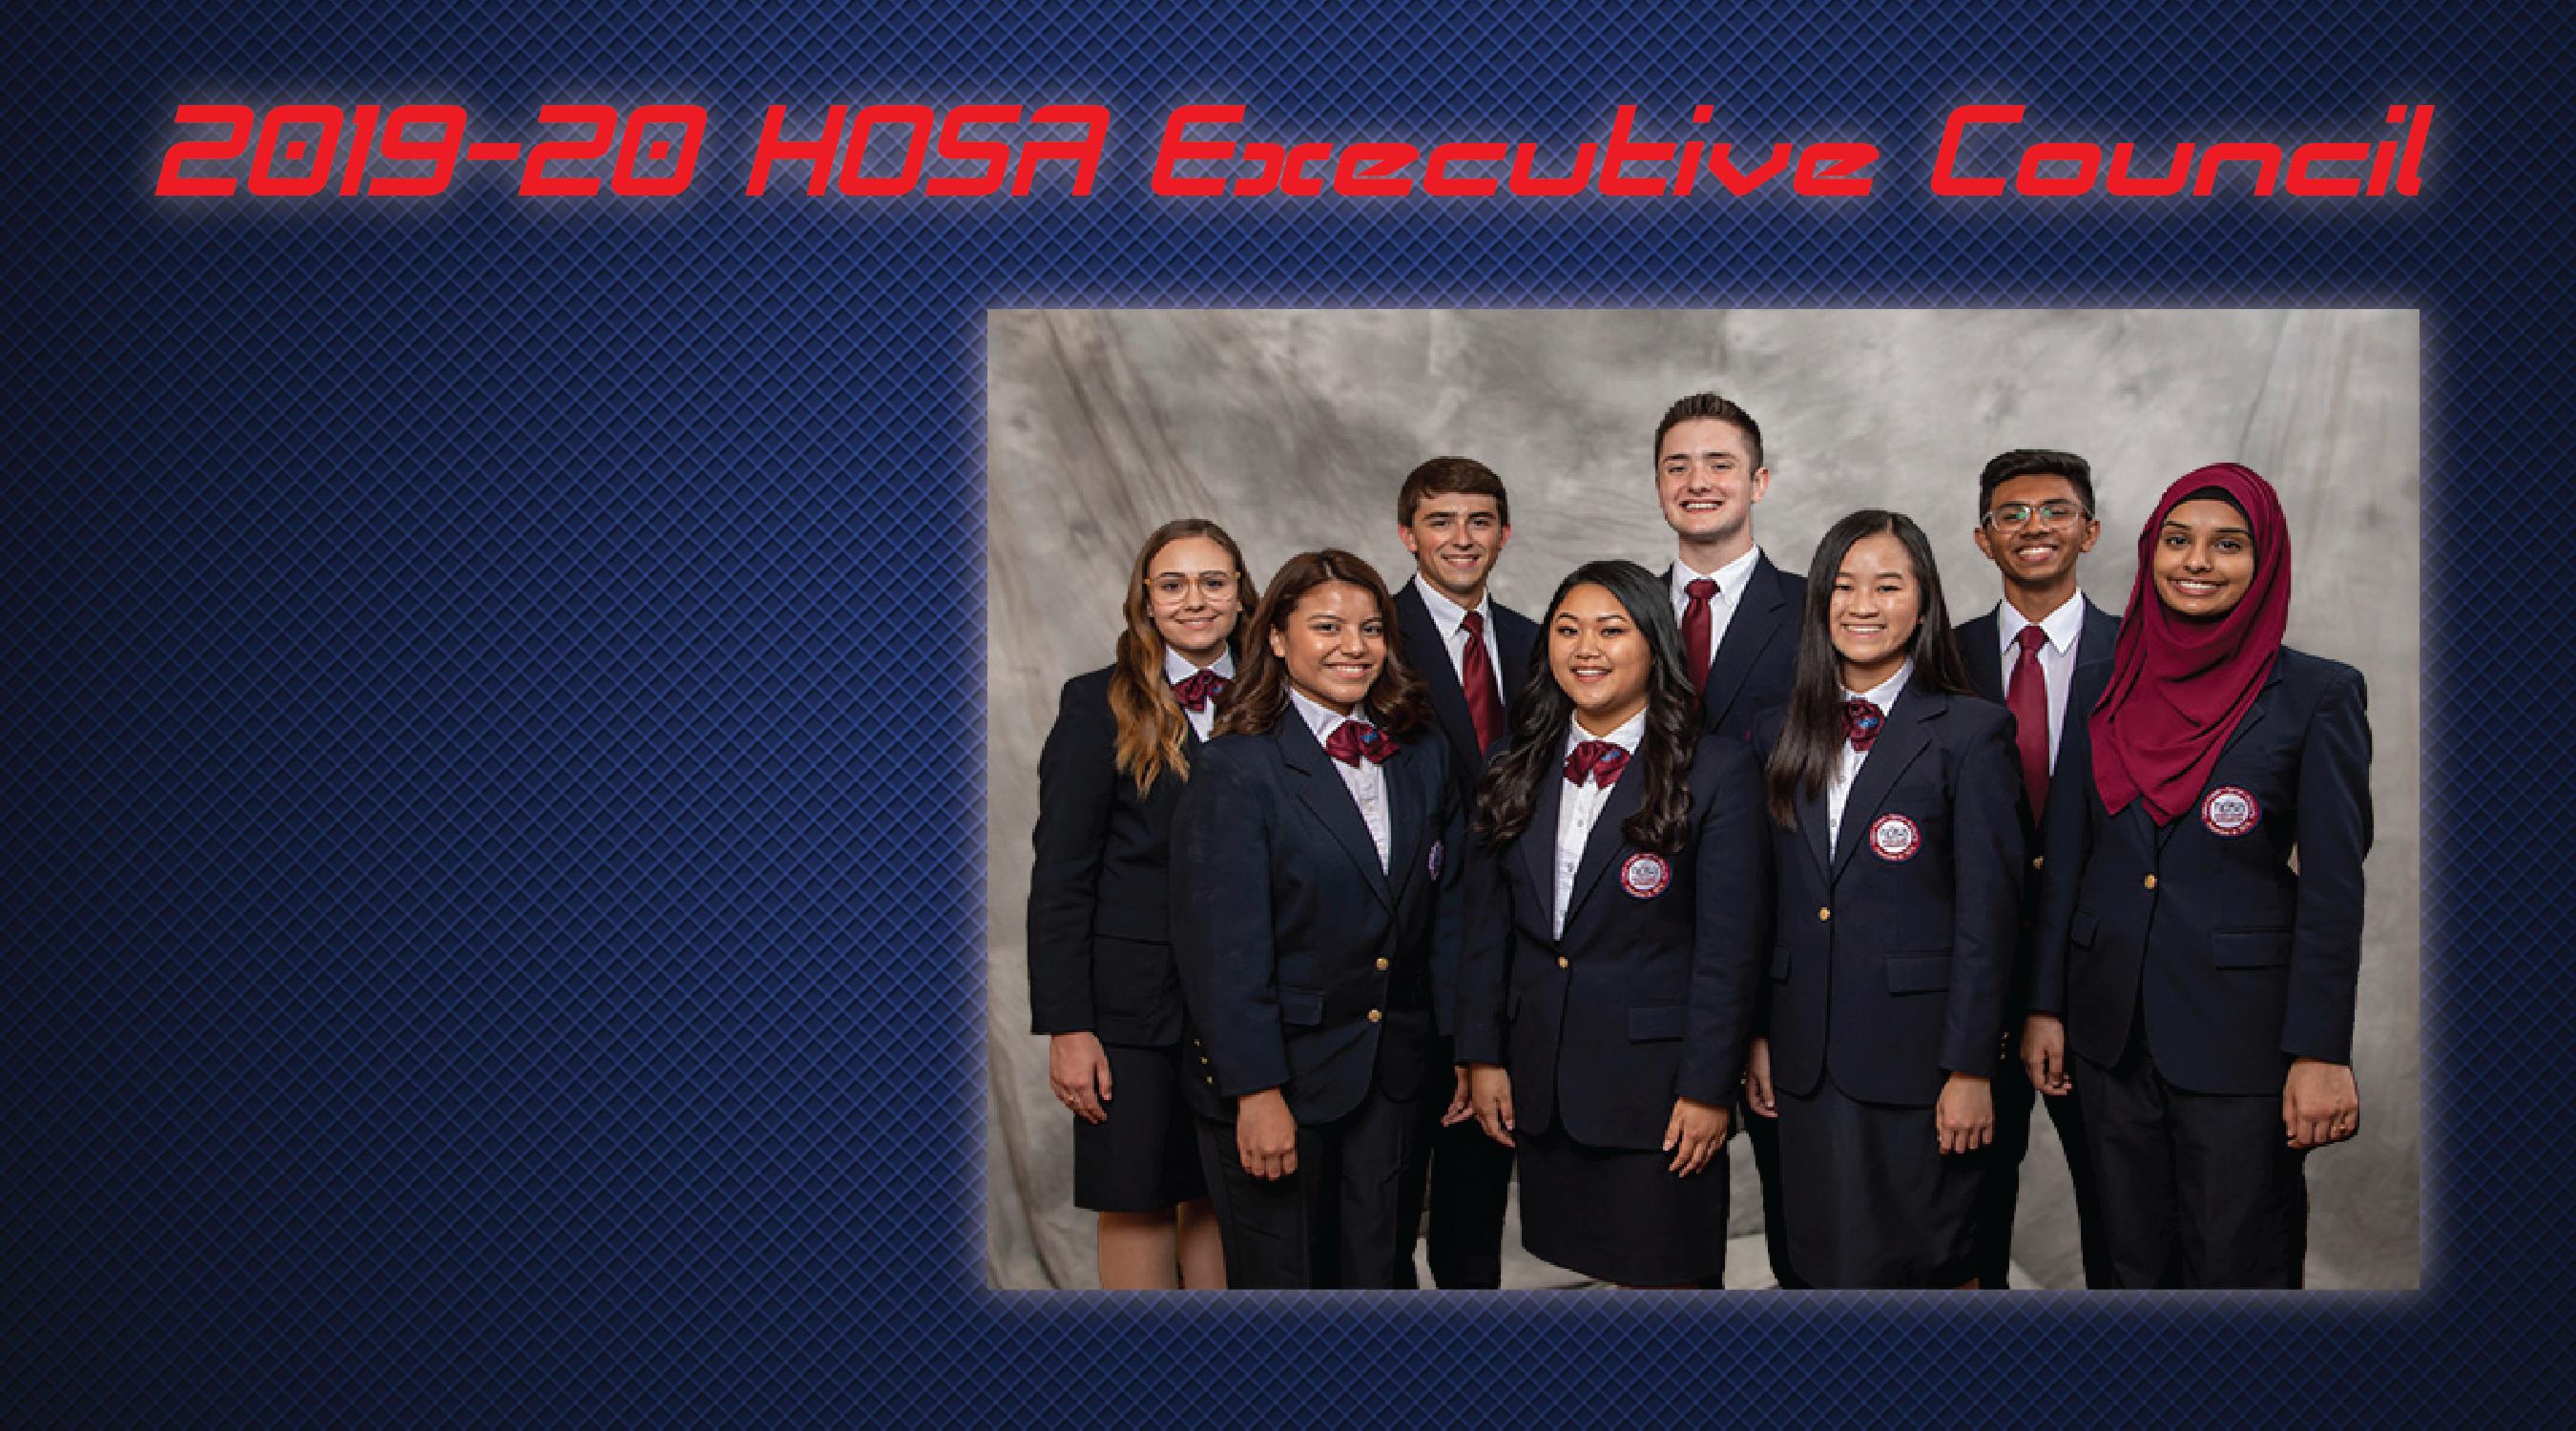 2019-20 HOSA Executive Council